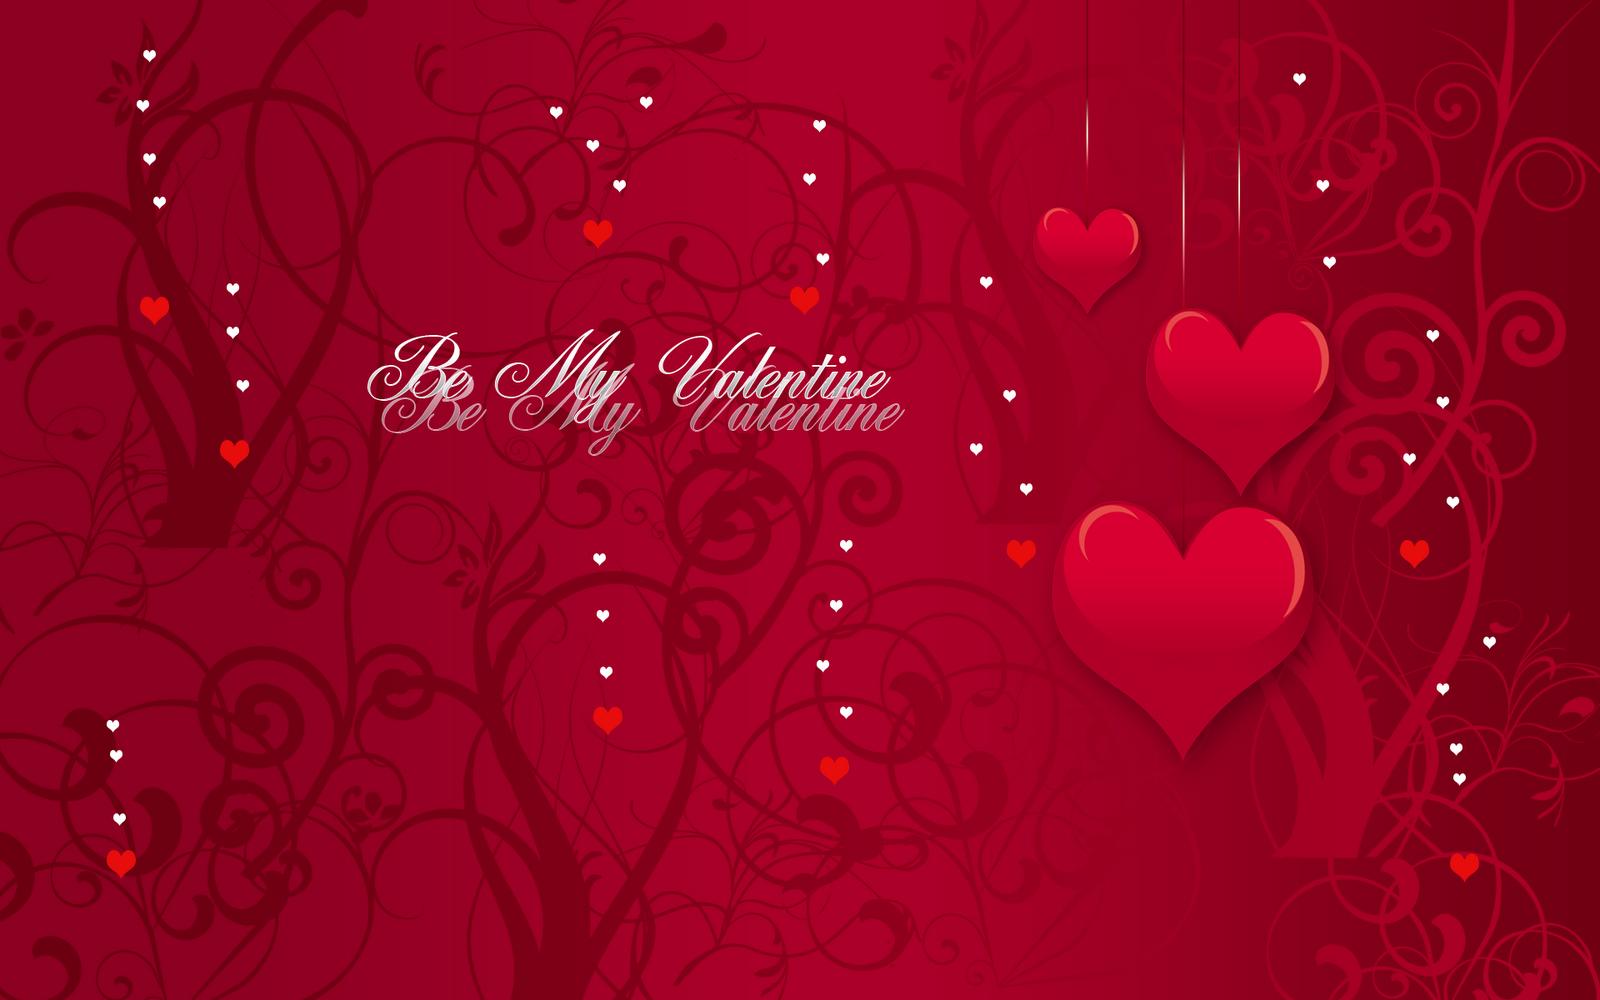 http://3.bp.blogspot.com/_2UbsSBz9ckE/S2Sp6qJSzdI/AAAAAAAAAvI/KlaYET0BtYE/s1600/Be_My_Valentine_hd%2Bwallpaper.png